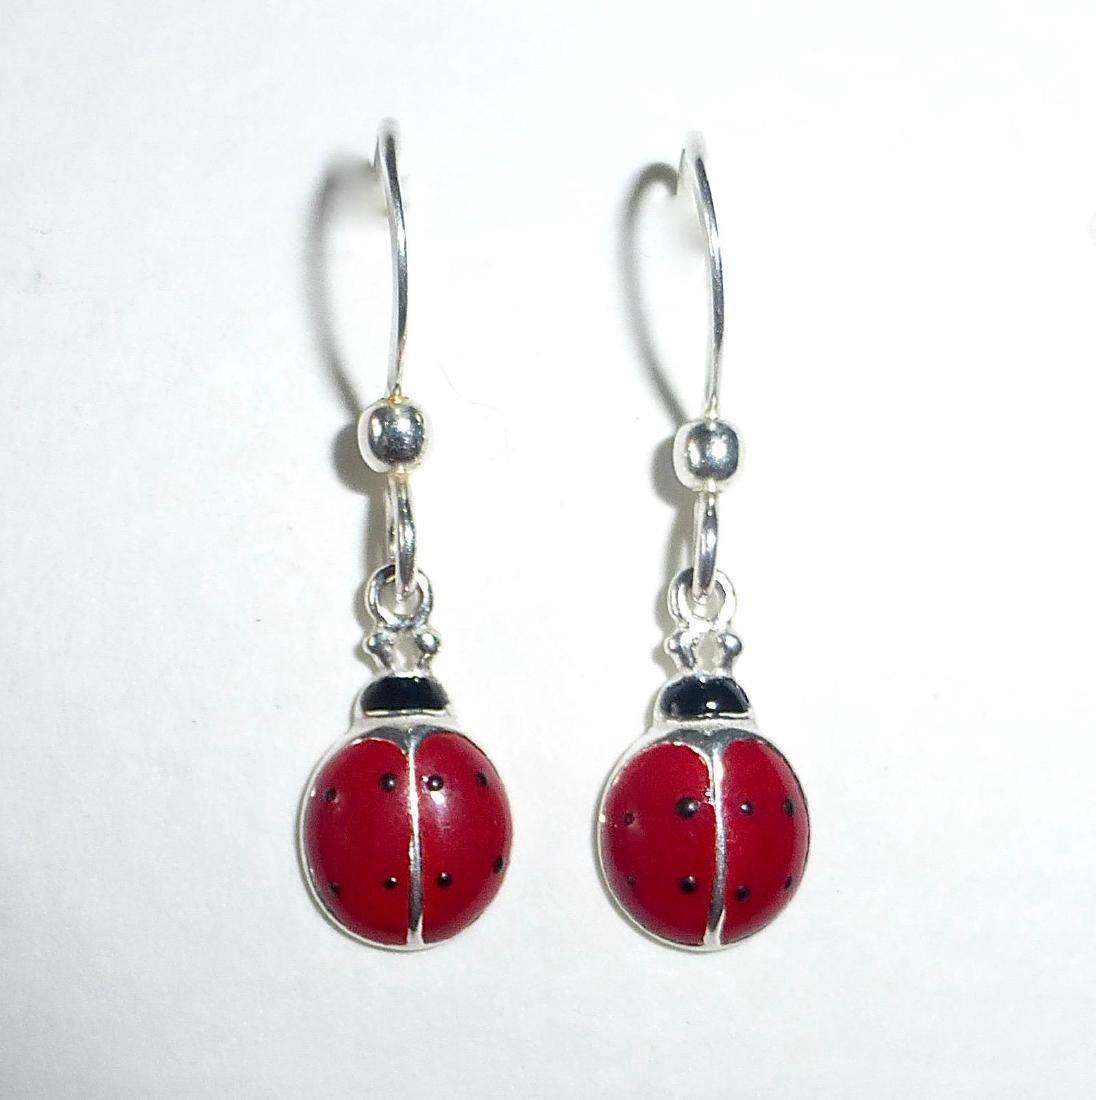 Vintage Sterling Silver Enamel Ladybug Earrings - 9